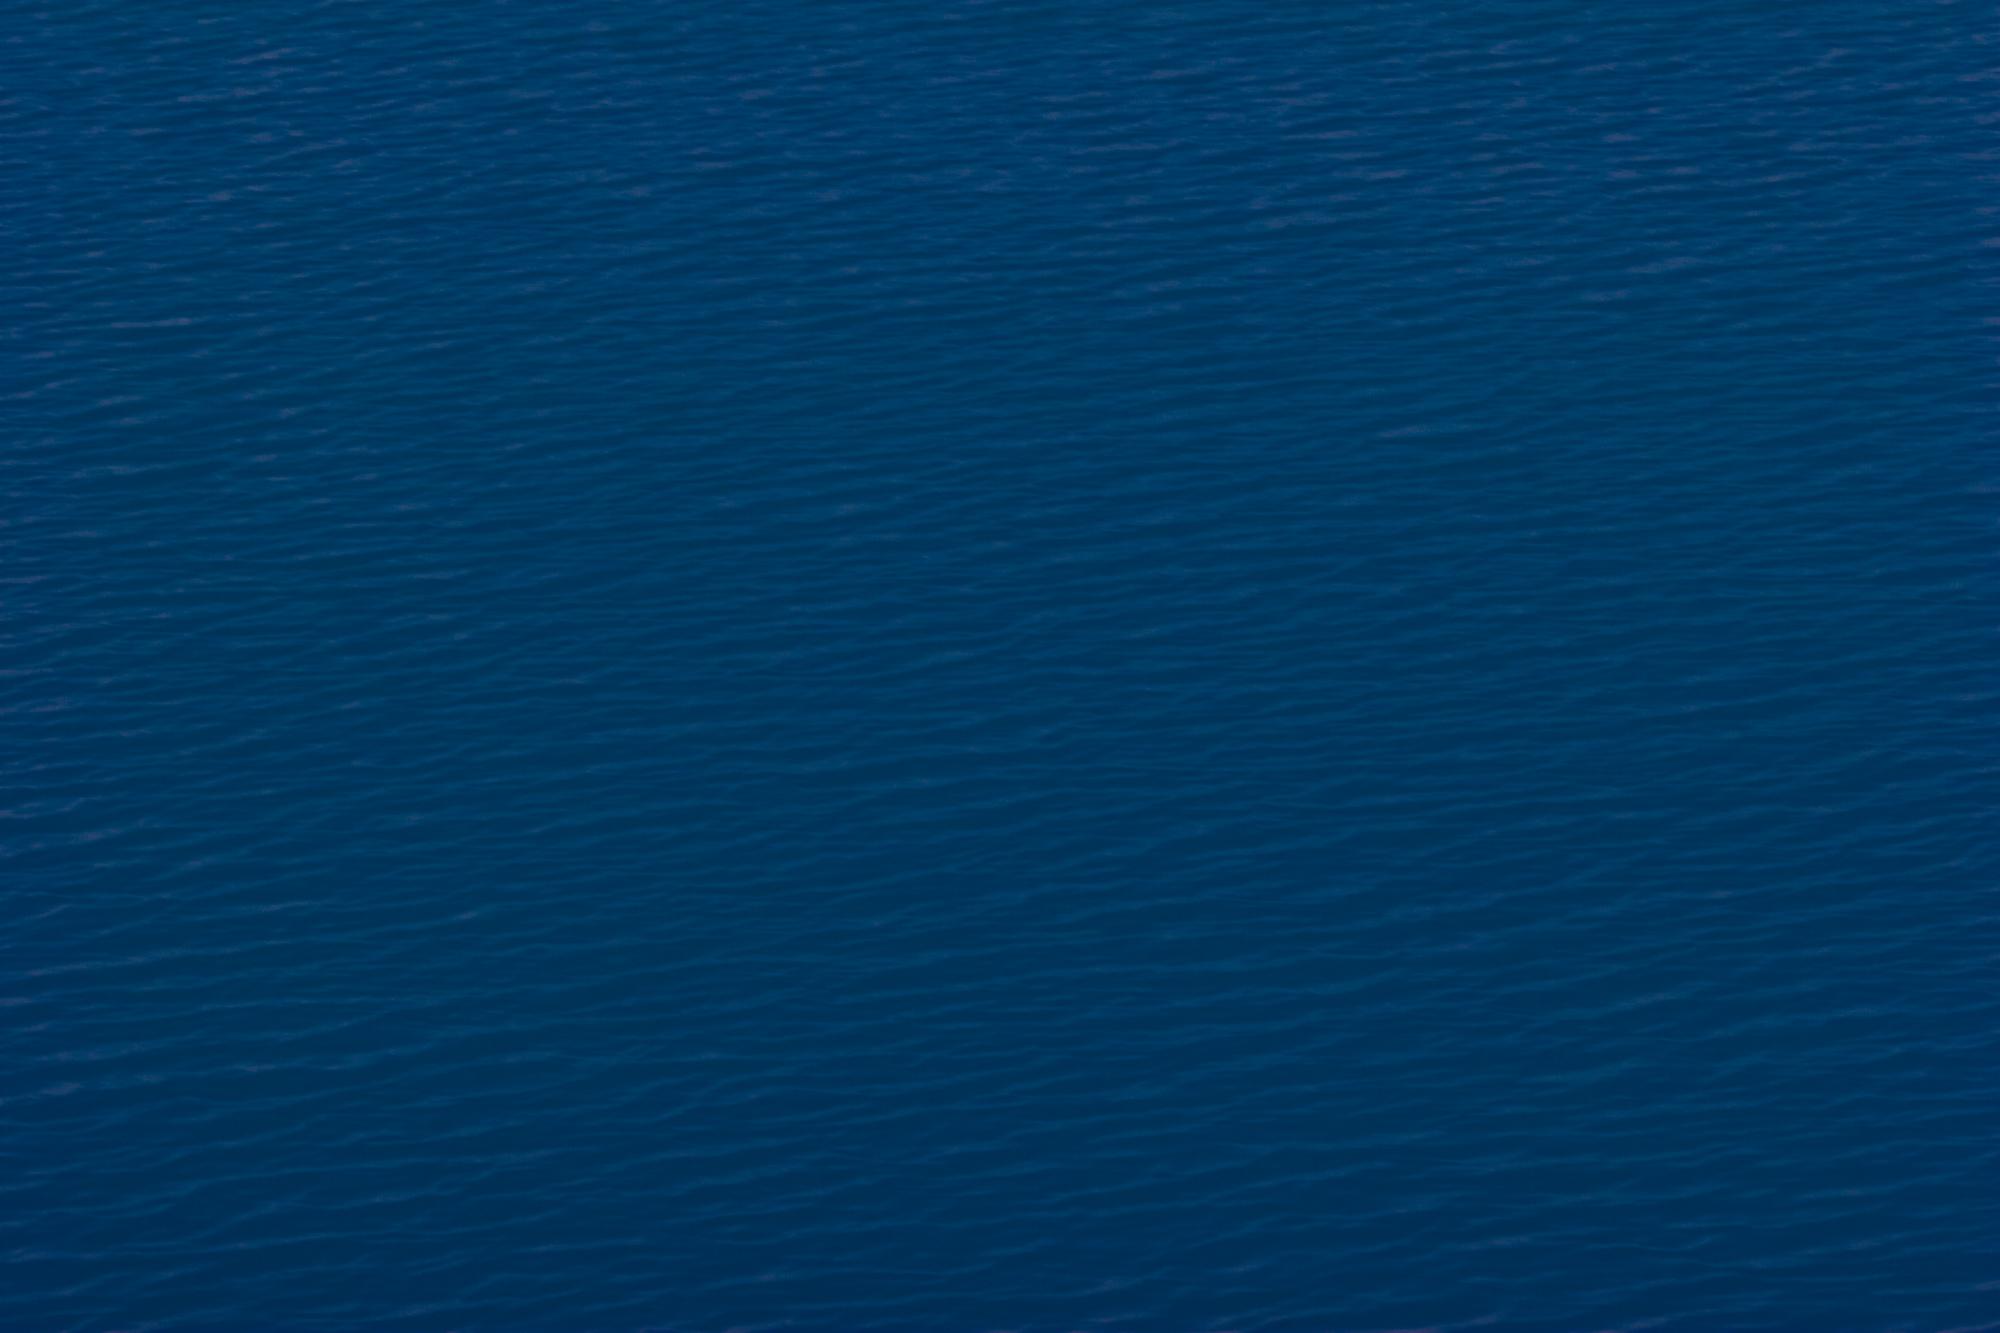 Deep blue water texture photo